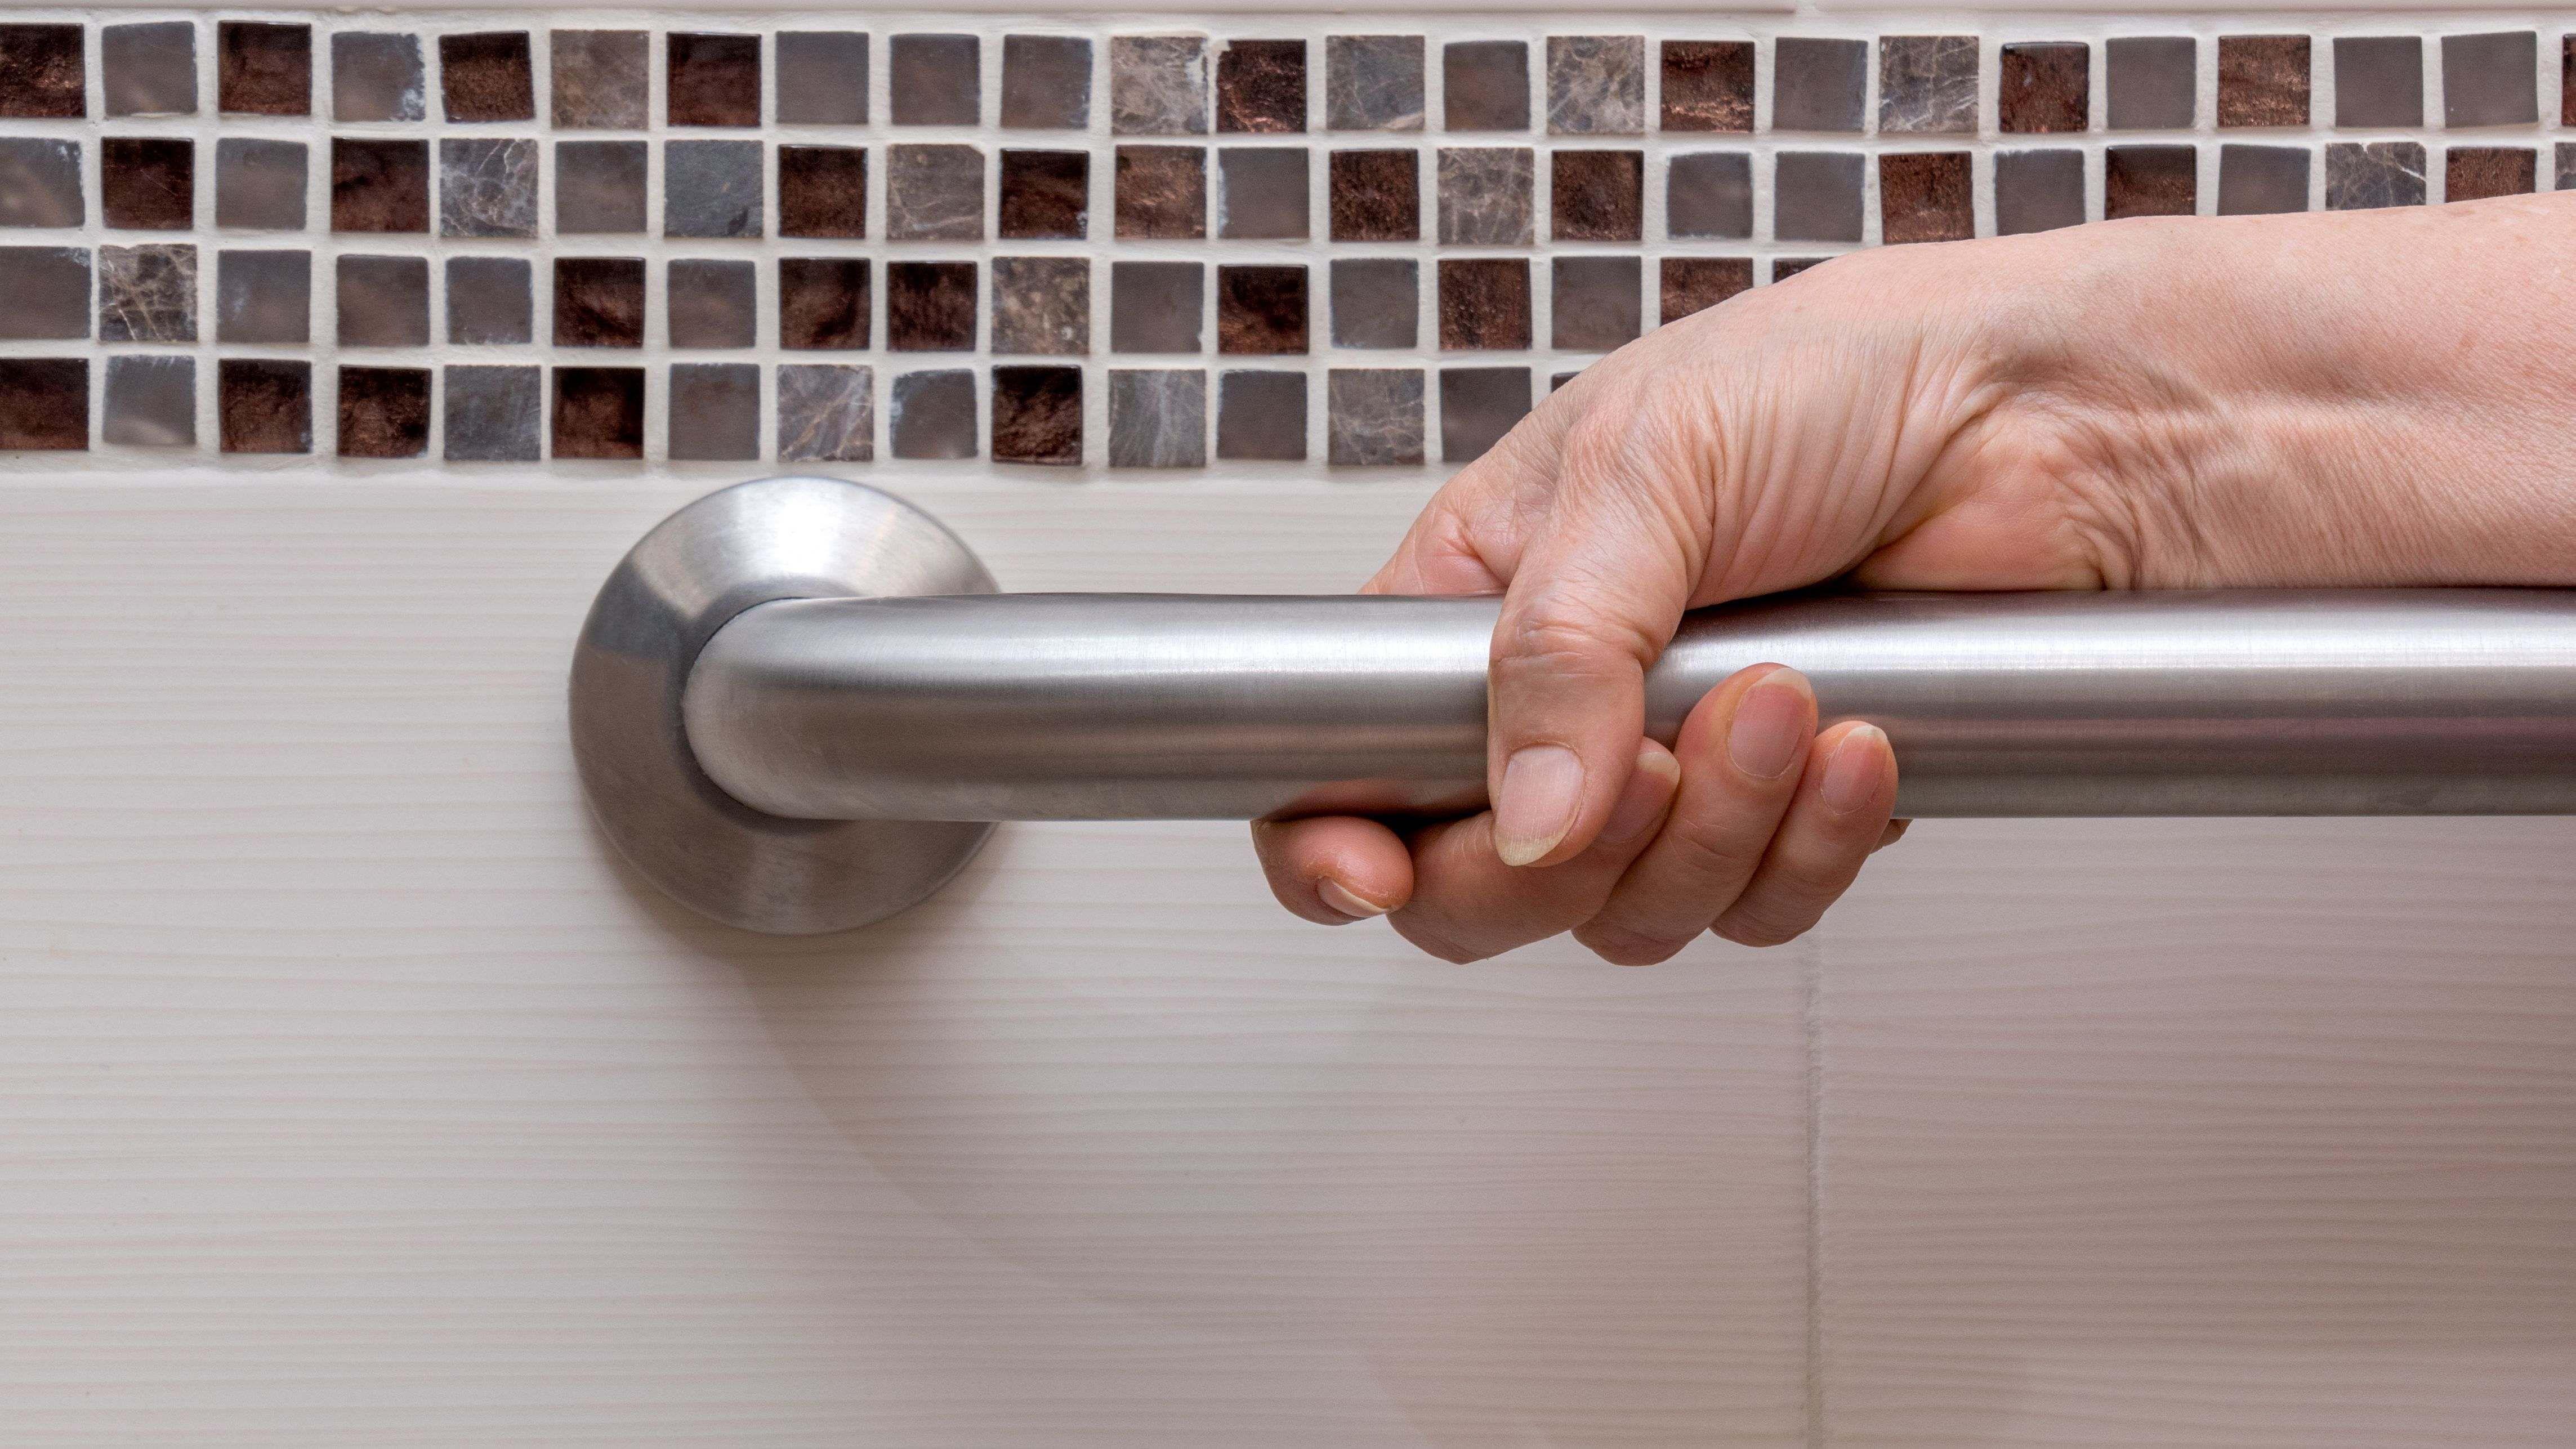 Come scegliere il tappetino antiscivolo per il bagno, il sedile per la doccia e la barra per la vasca